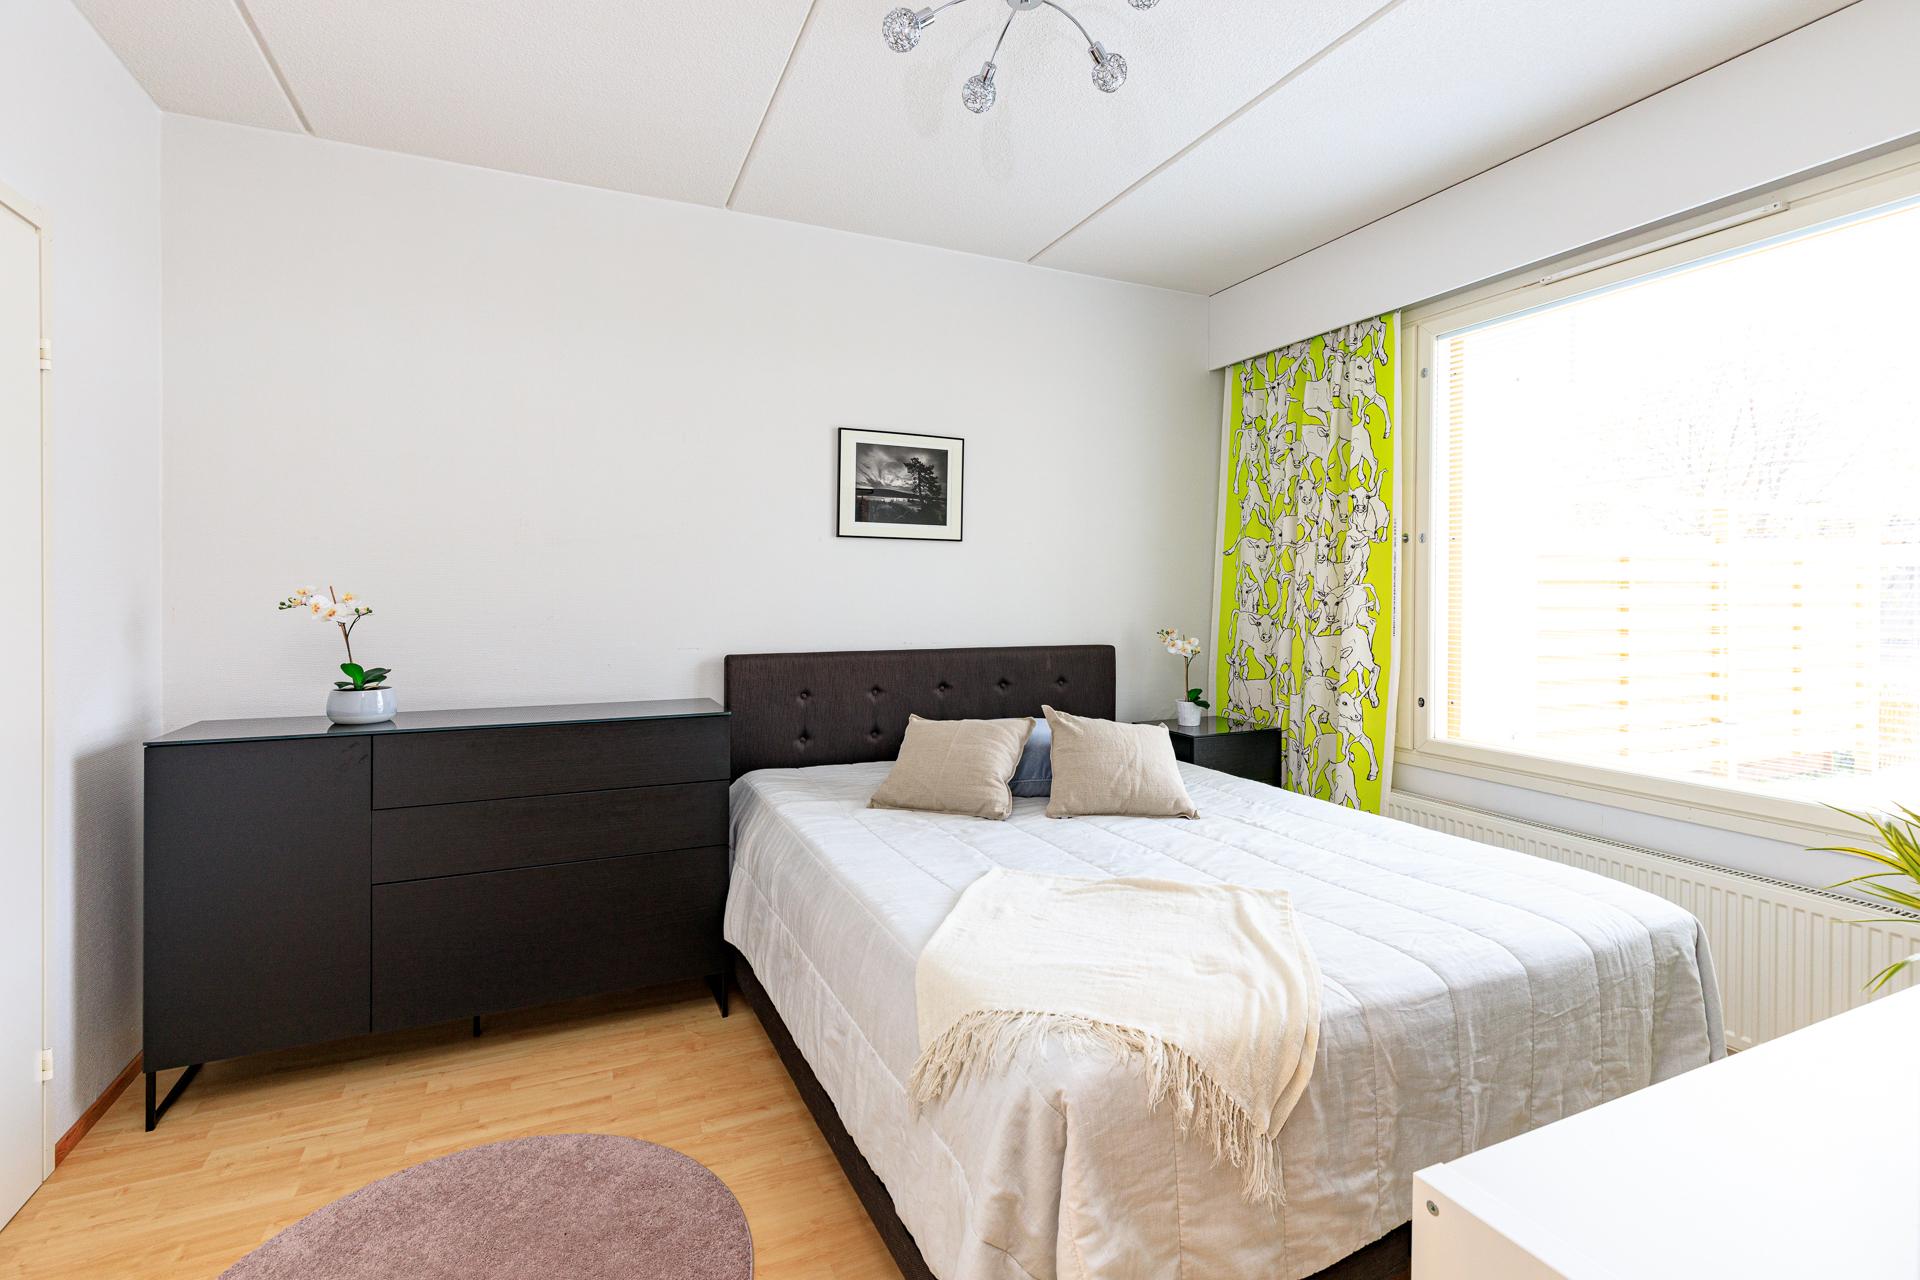 Asuntokuvaus makuuhuone